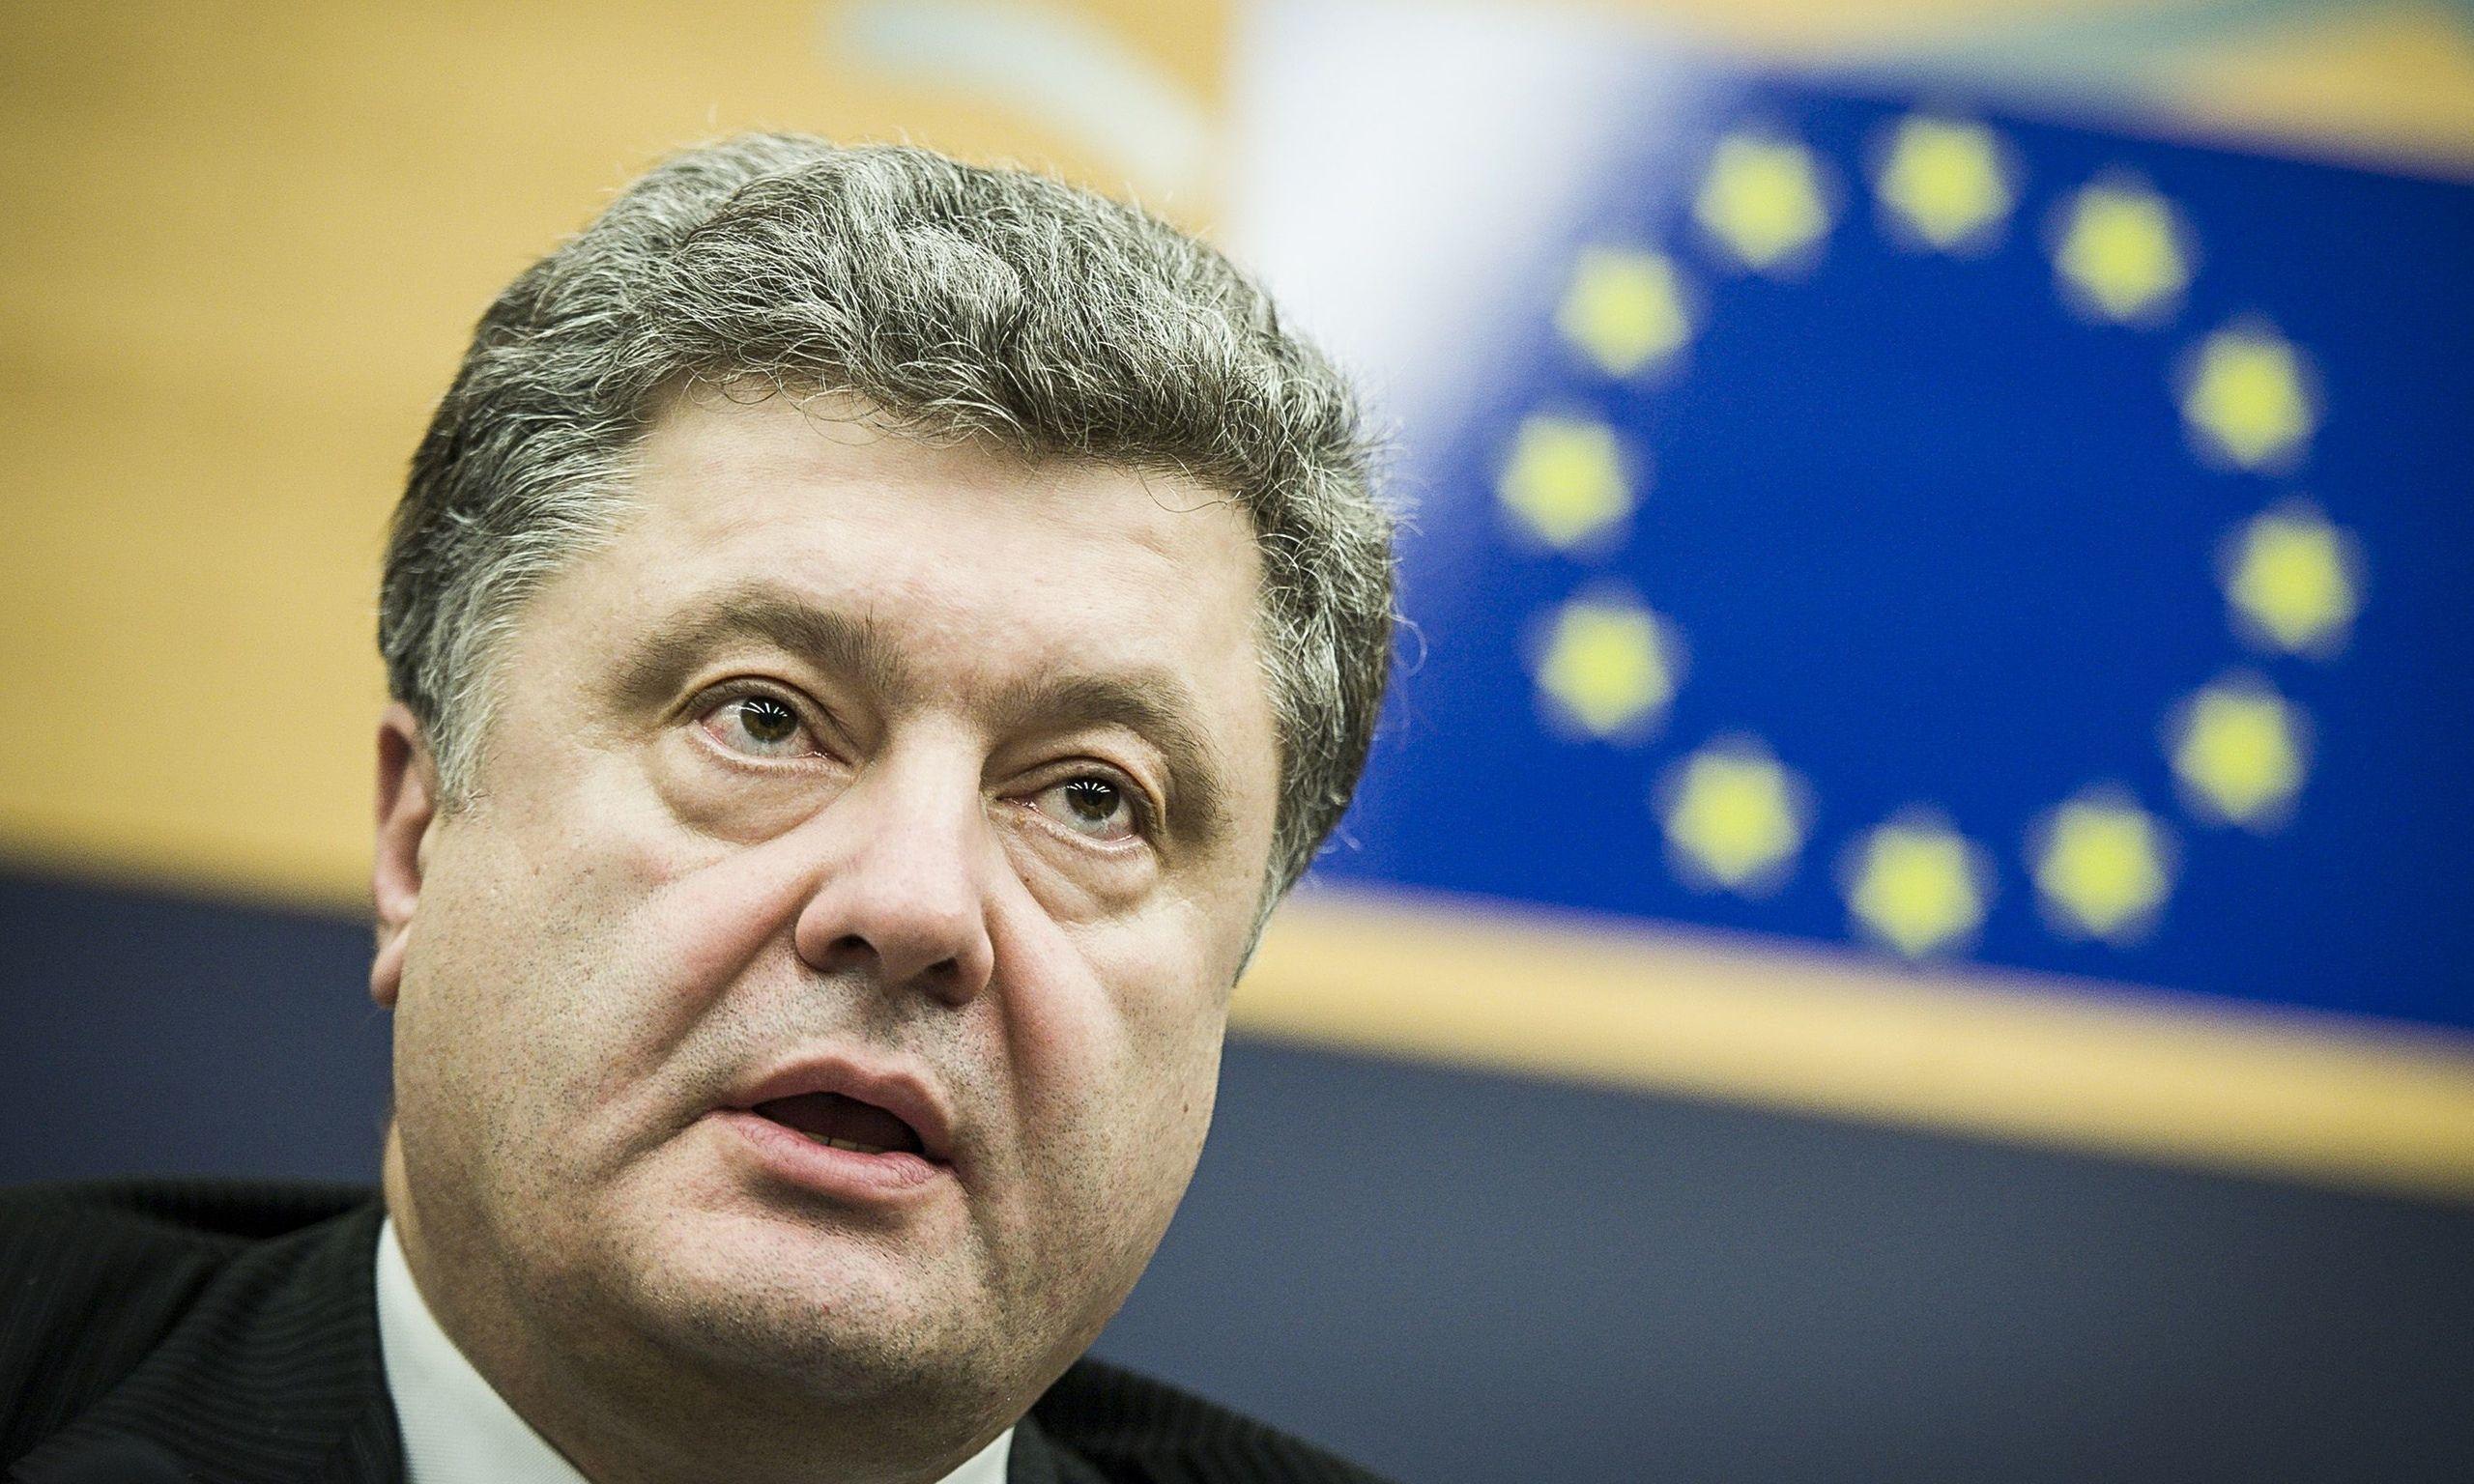 Poroshenko Elected Ukraine President,  Putin Dodges Promise To 'Respect' Results